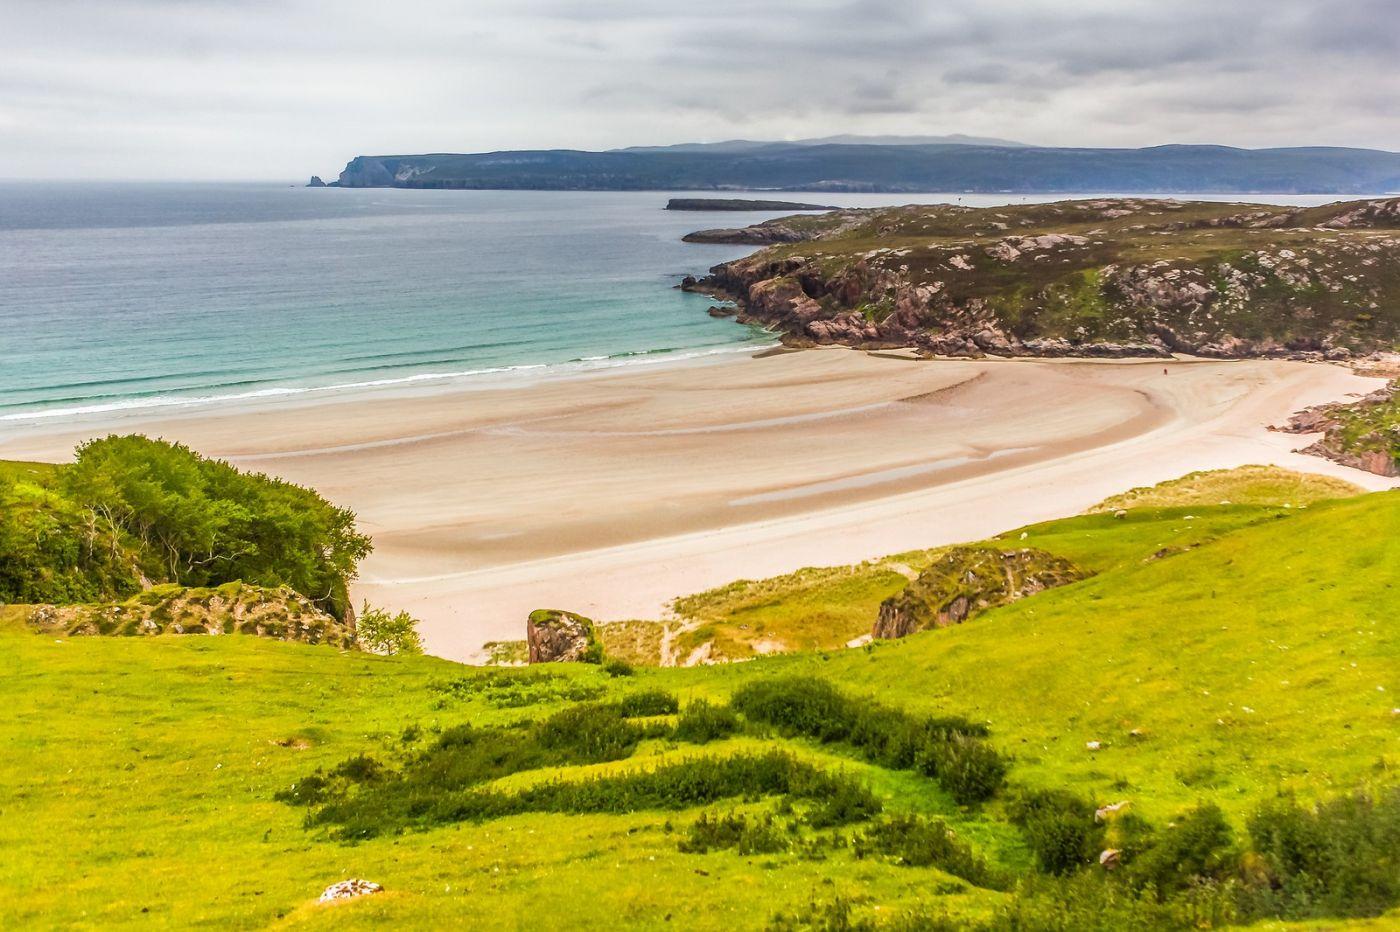 苏格兰美景,弯弯的沙滩_图1-24